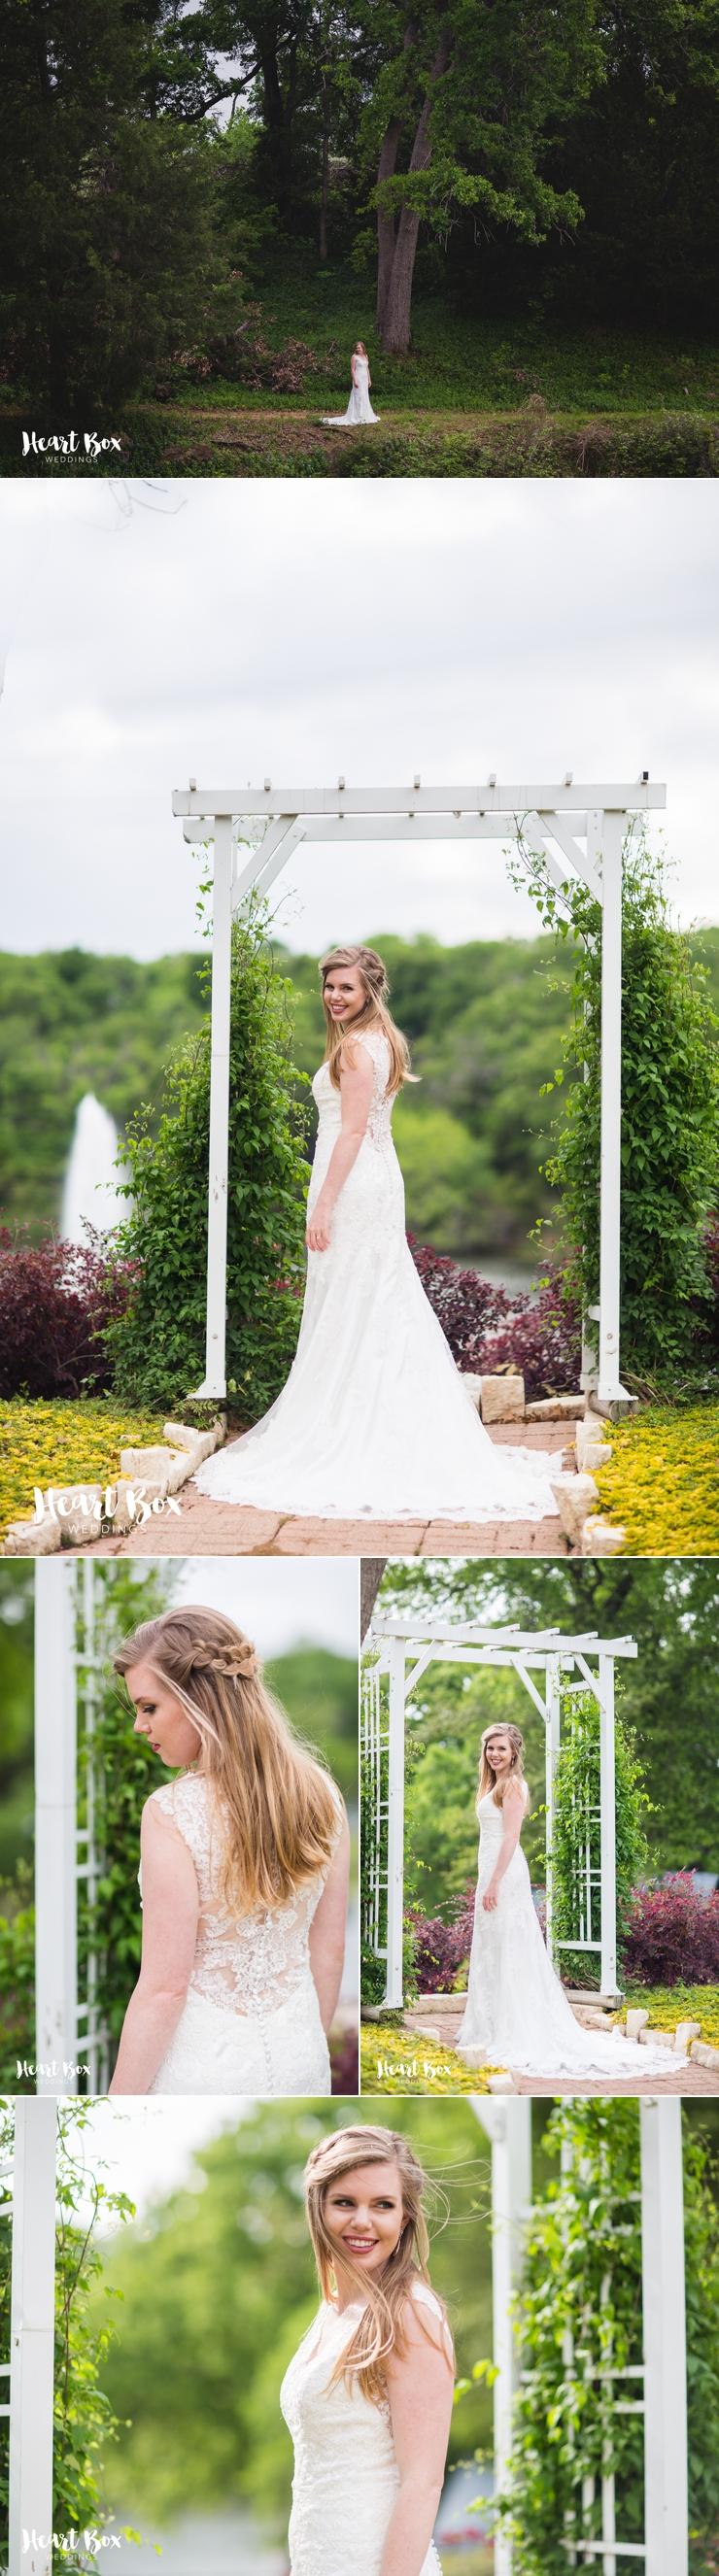 Sterling Bridal Blog Collages 7.jpg